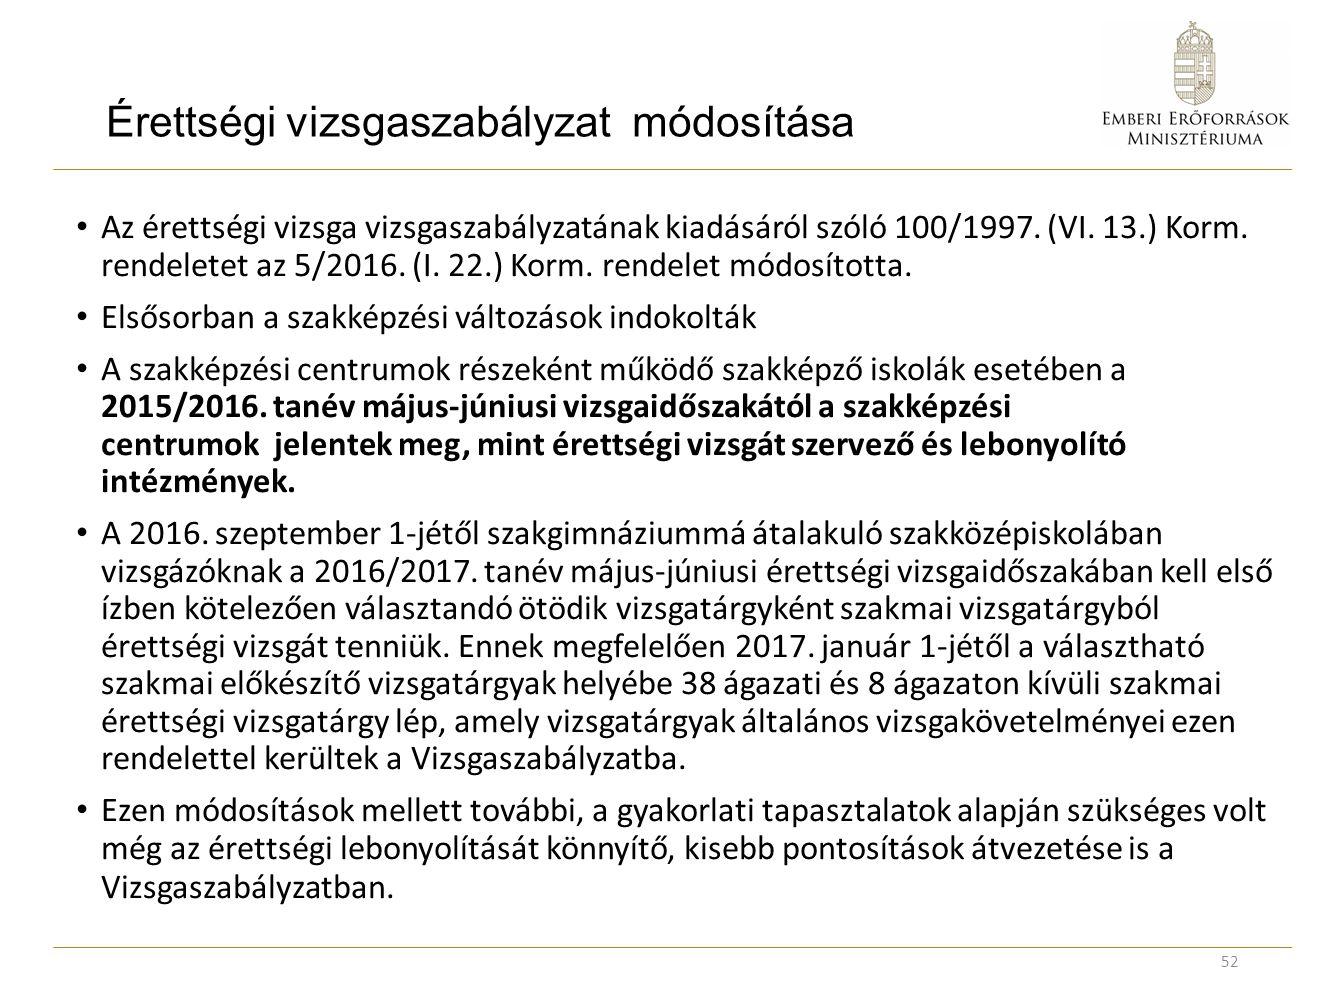 Érettségi vizsgaszabályzat módosítása Az érettségi vizsga vizsgaszabályzatának kiadásáról szóló 100/1997. (VI. 13.) Korm. rendeletet az 5/2016. (I. 22